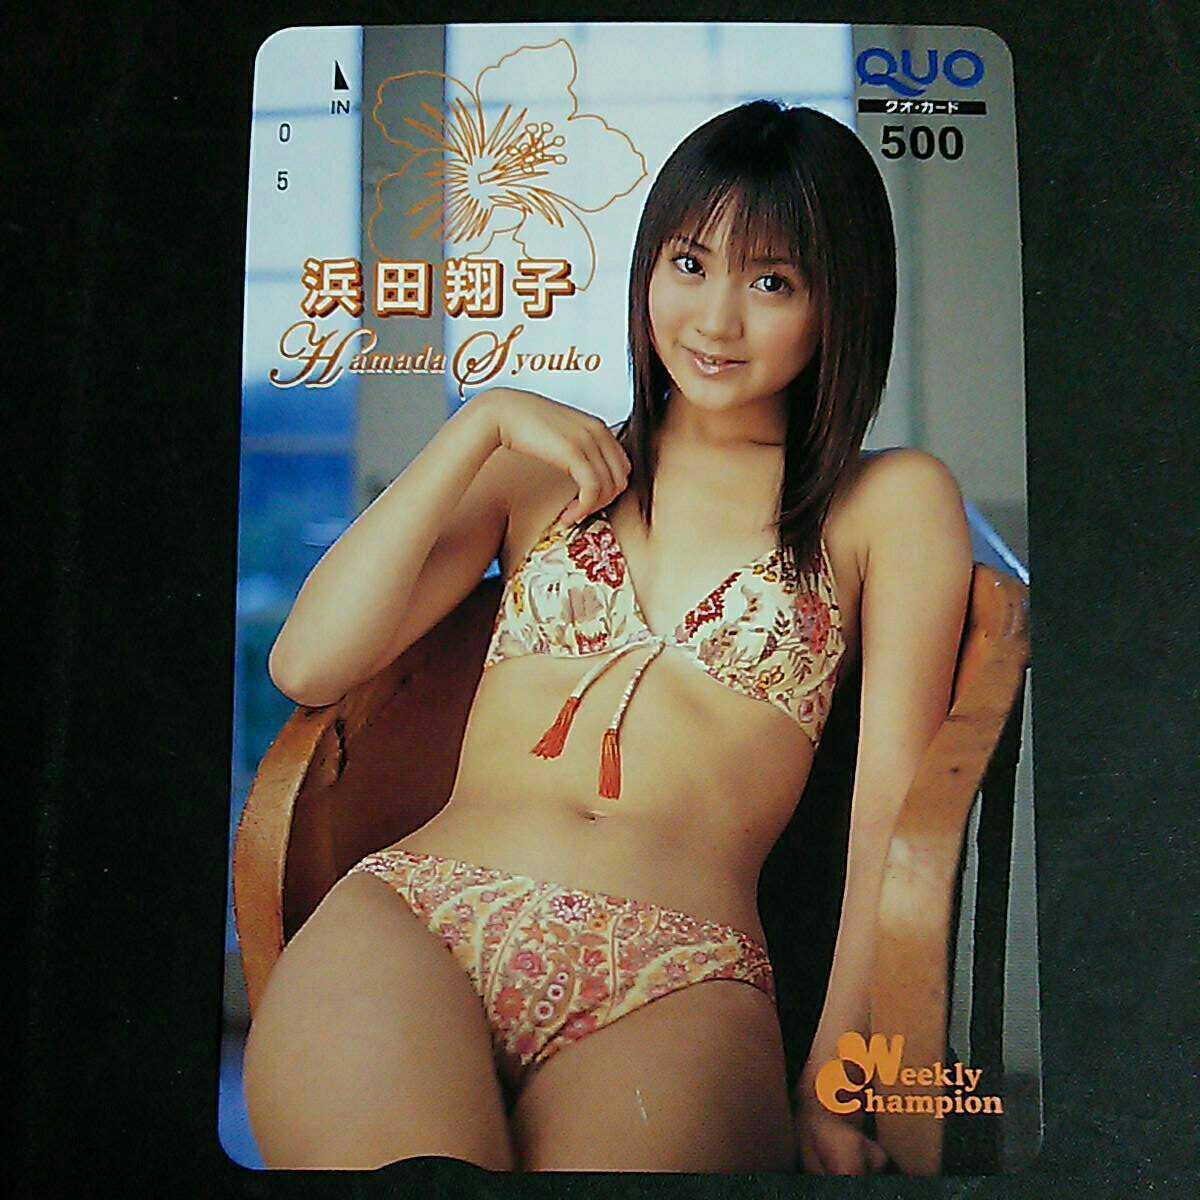 浜田翔子 レア セクシー 水着 クオカード QUOカード クオカ 非売品 未使用 グラビア アイドル テレカ、図書カードではないです ③_画像2